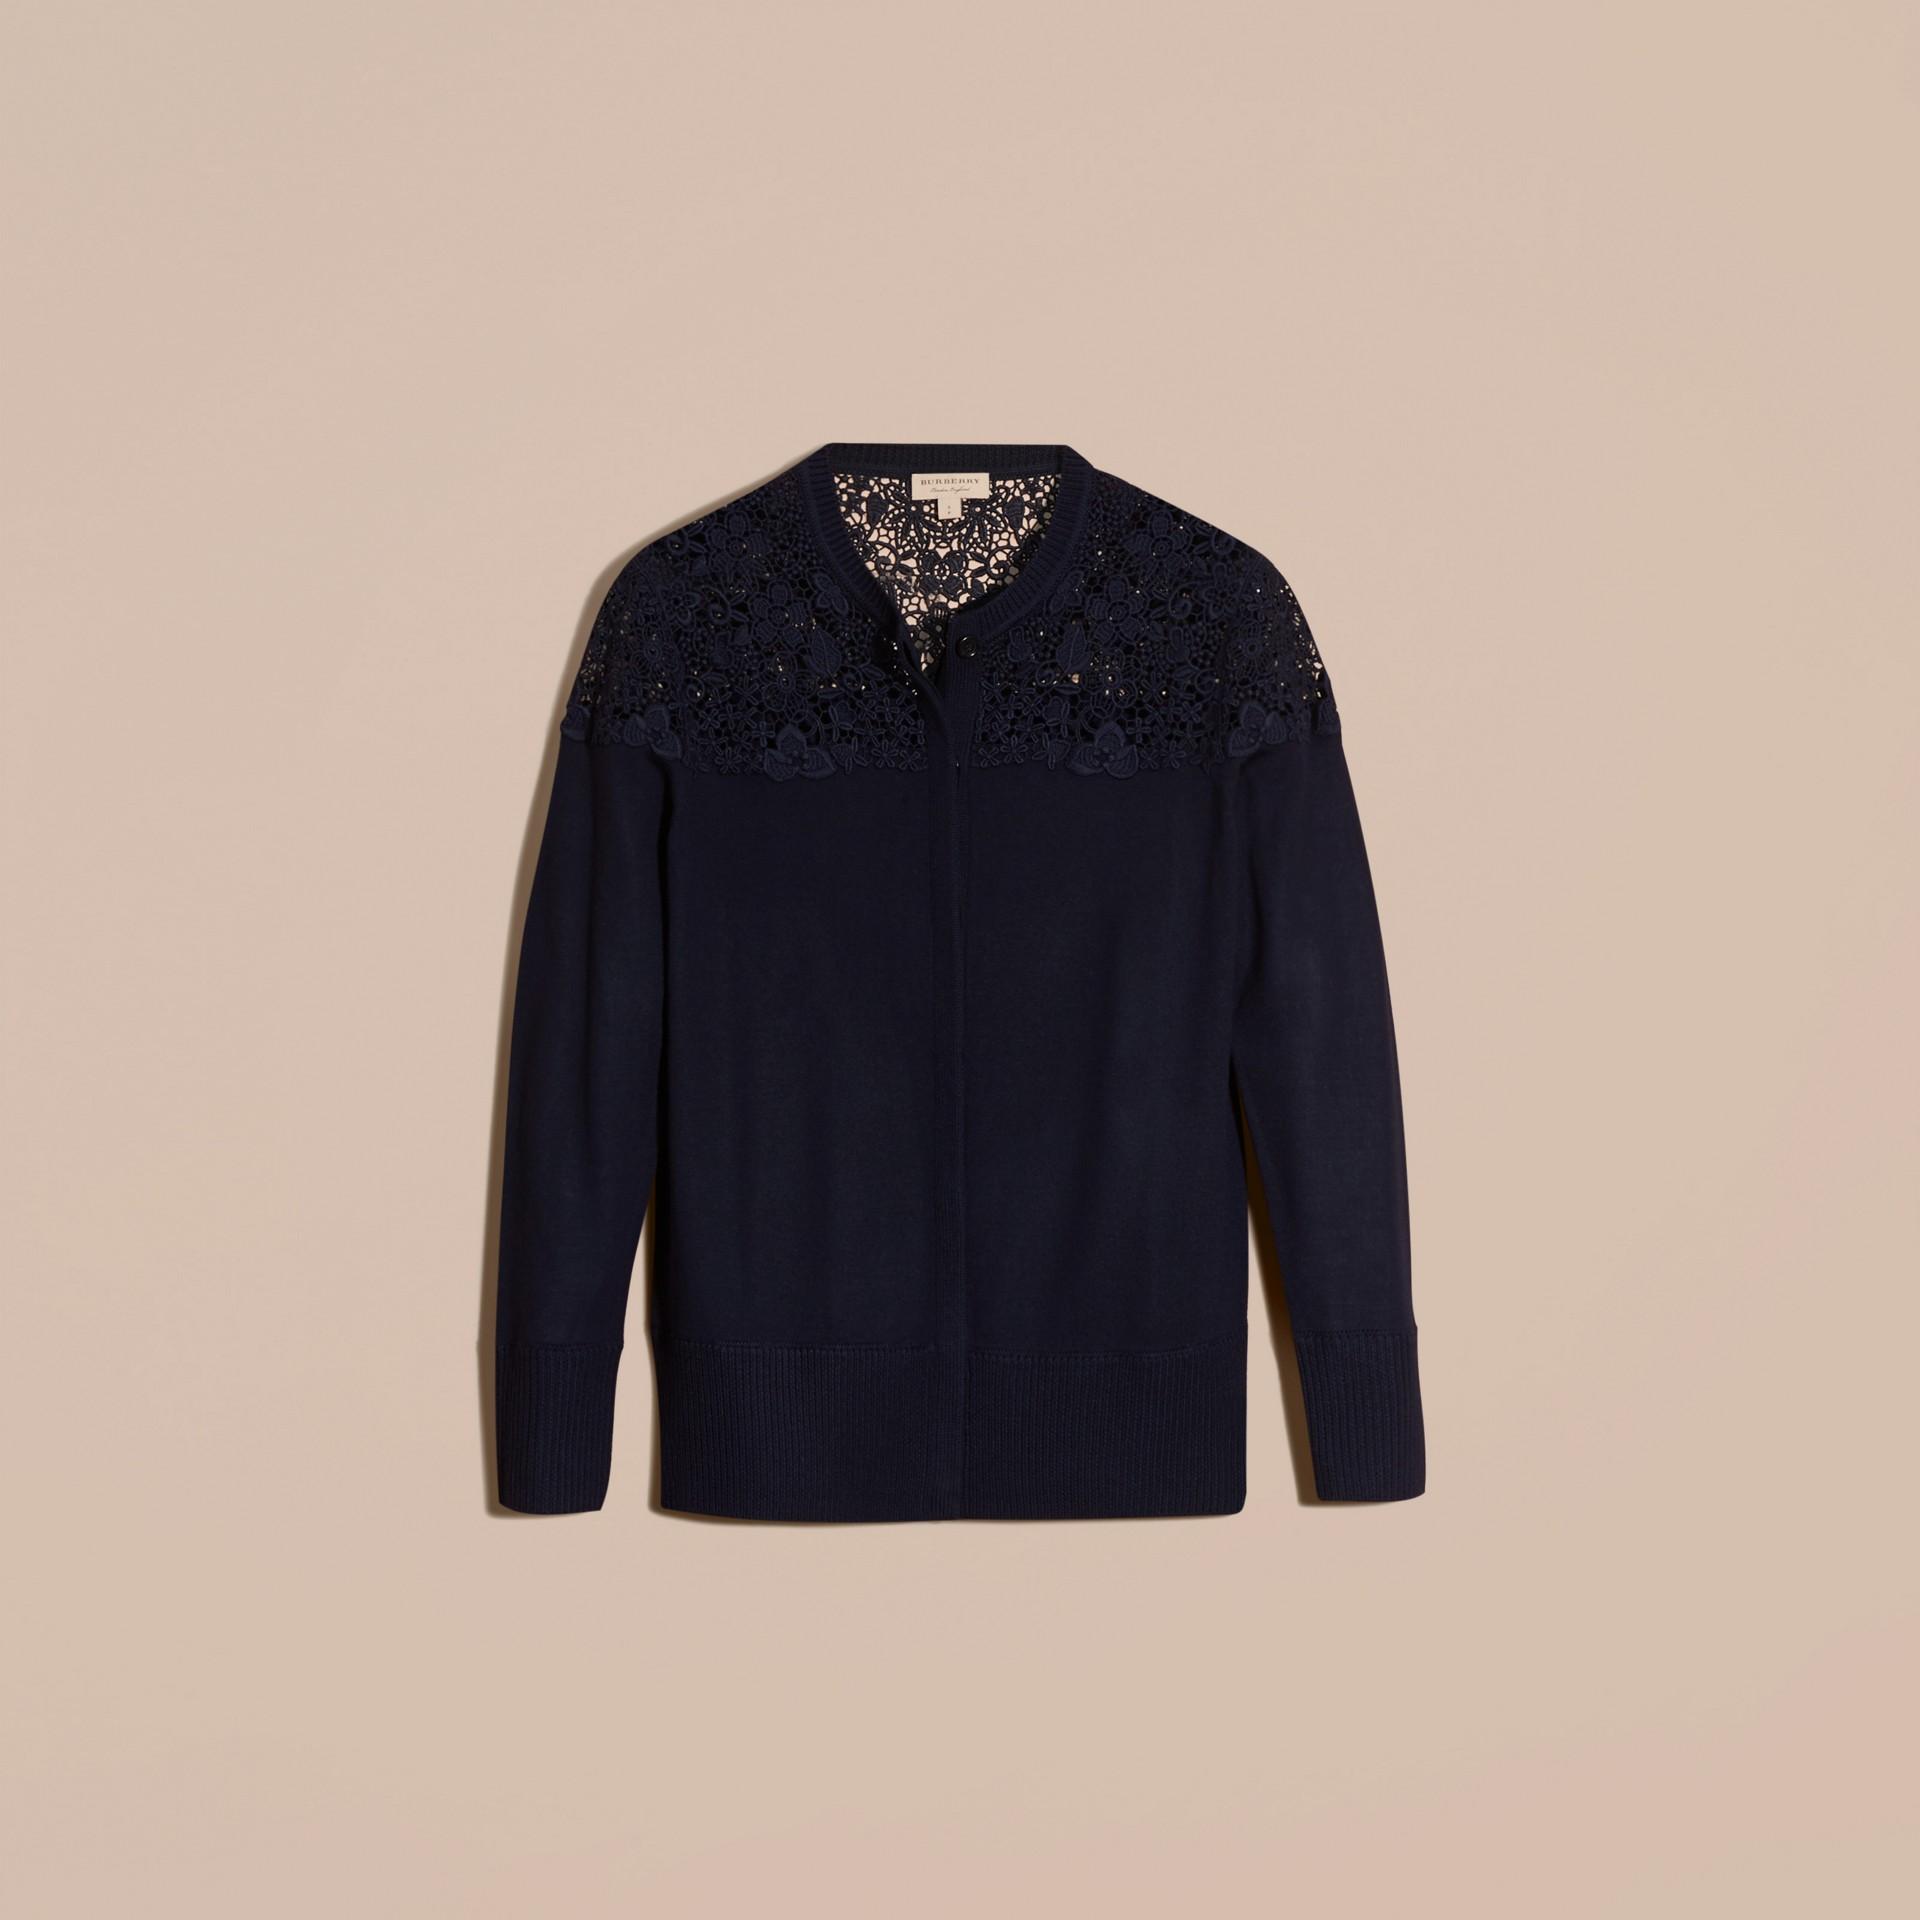 Navy Cardigan in lana Merino con sprone in pizzo Navy - immagine della galleria 4